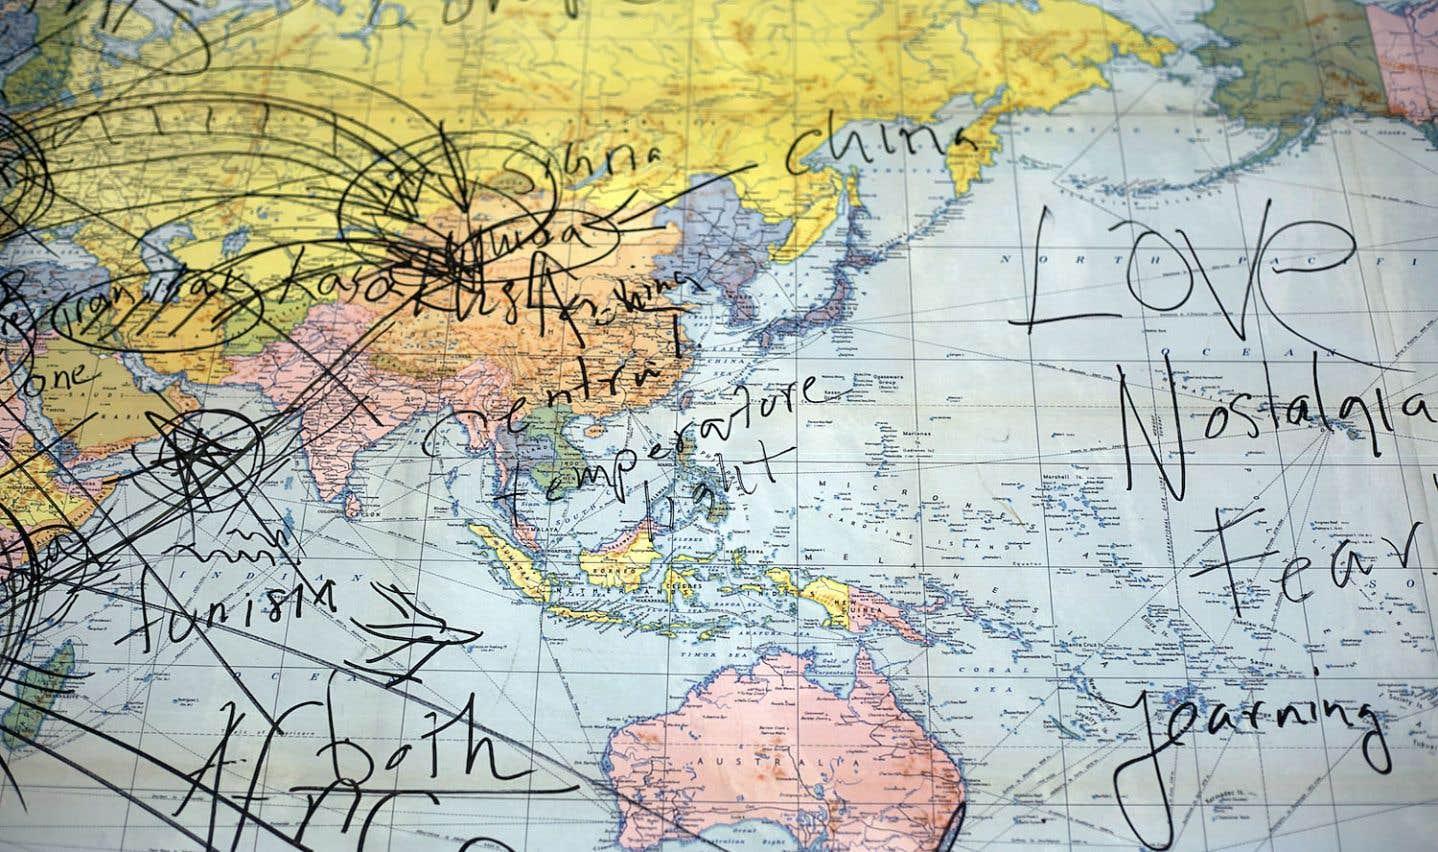 Une carte présente dans l'œuvre «Searching for the European Roller» de Hillside Projects.